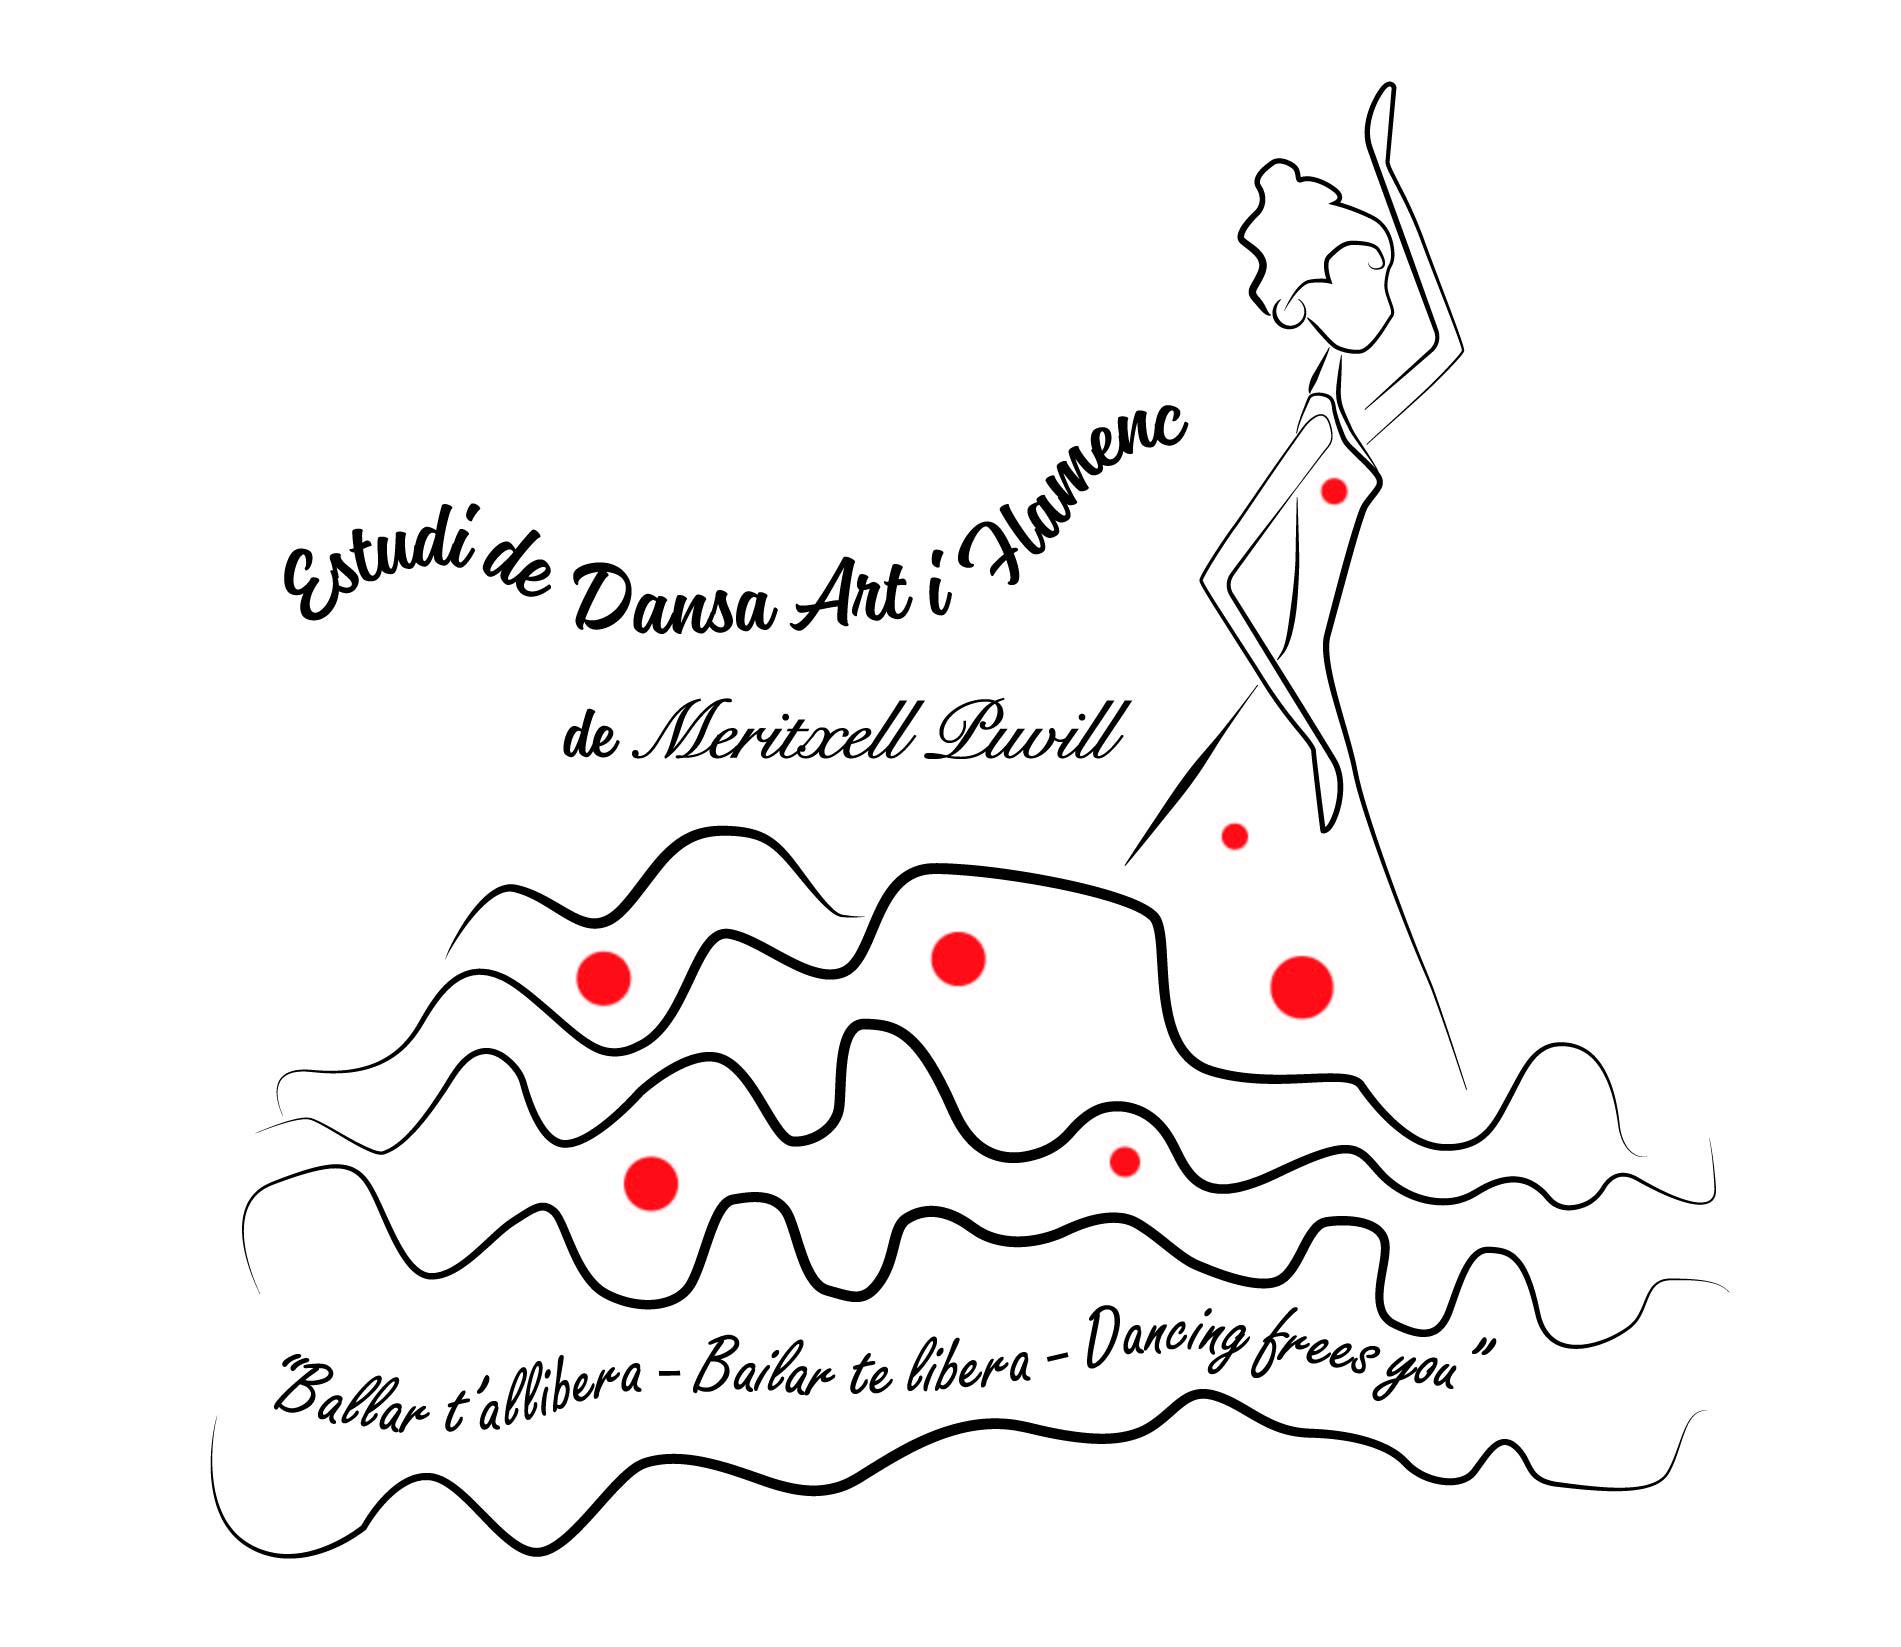 Logo comerç Estudi de dansa Art i Flamenc de Meritxell Puvill